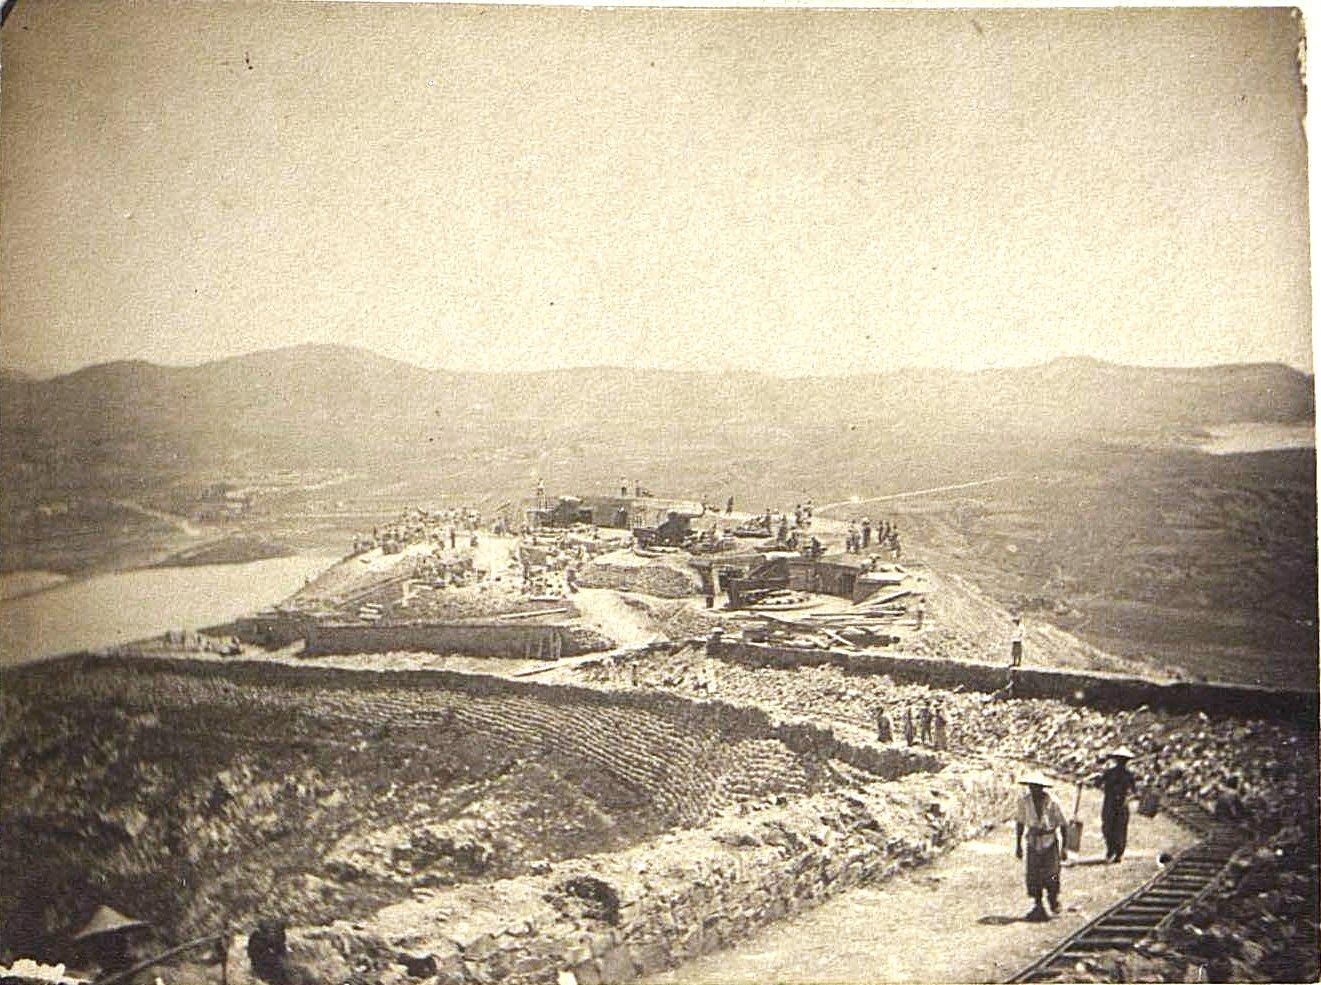 1898. Талиенван. Полуразрушенный японцами форт. Июль.